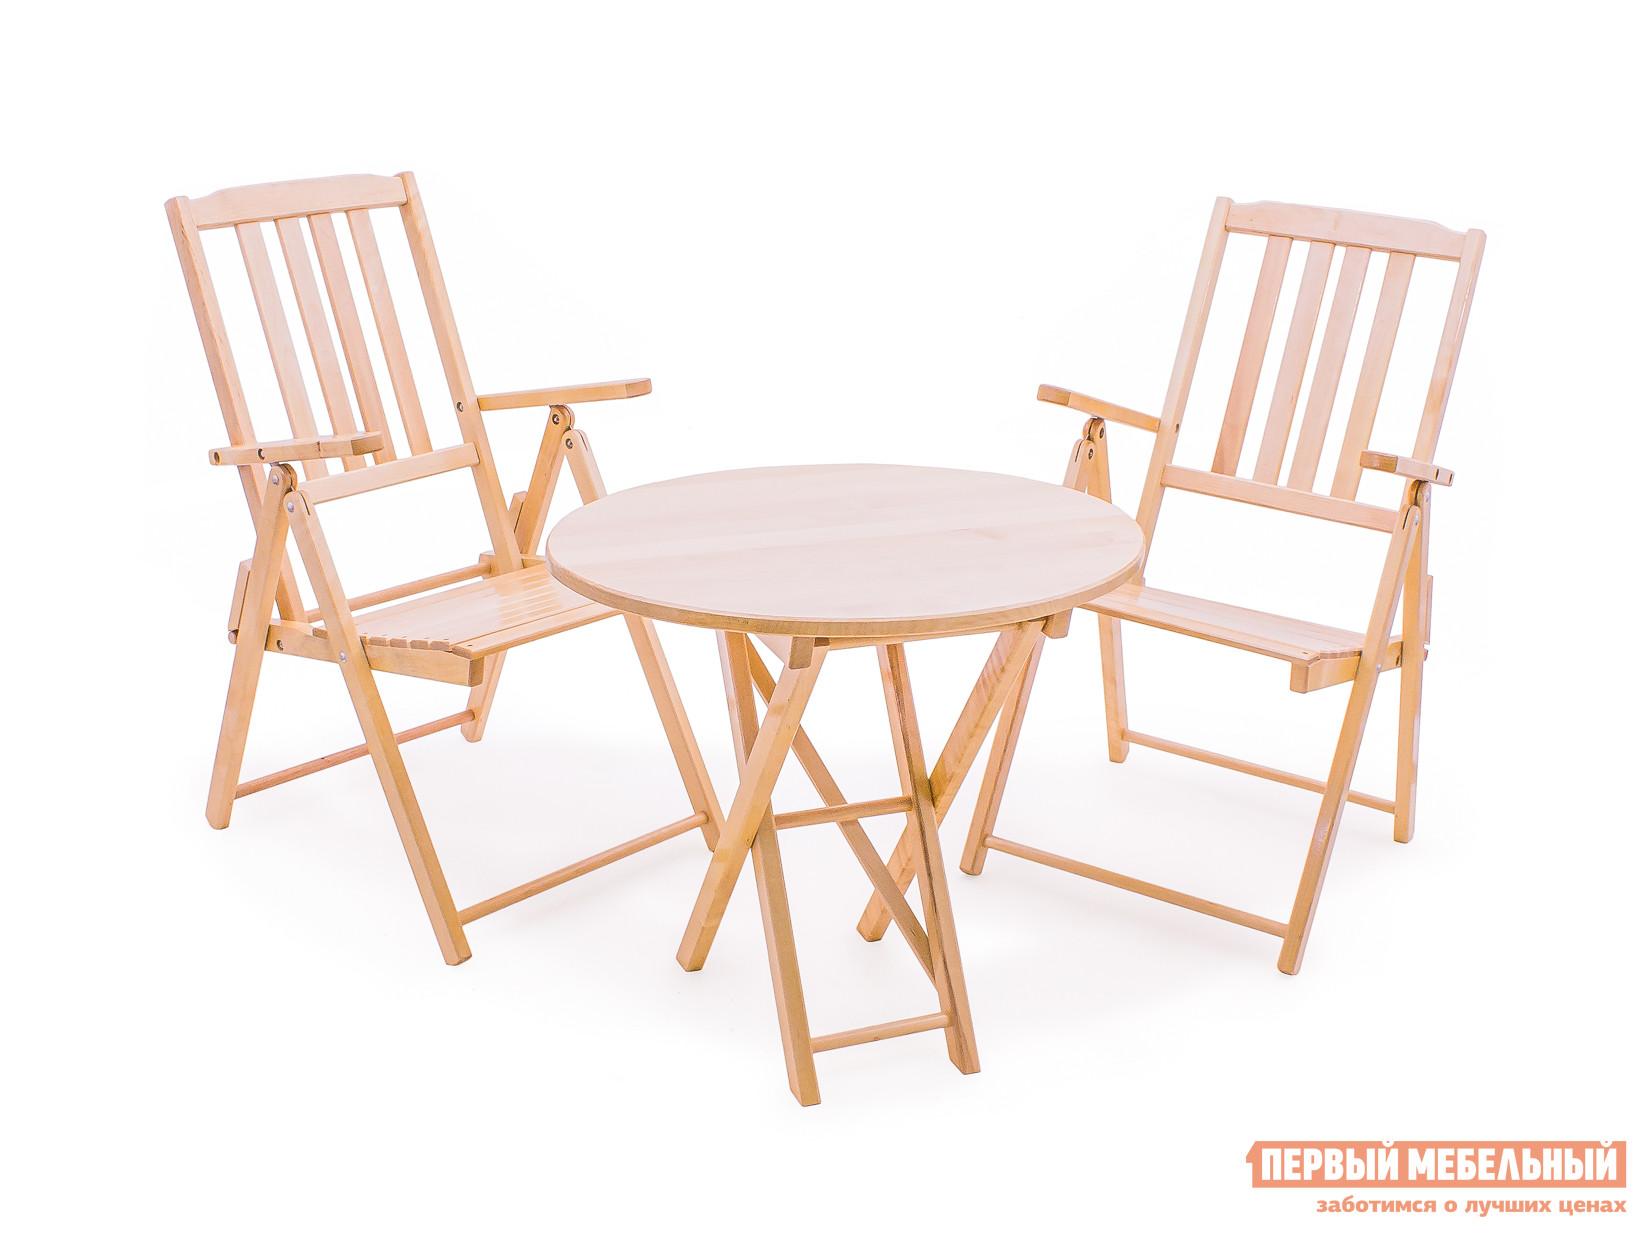 Комплект садовой мебели СМКА Комфорт СМ047Б, 2 шт+СМ049Б Береза, 650 ммКомплекты садовой мебели<br>Габаритные размеры ВхШхГ xx мм. В комплект складной мебели для сада Комил Мирослав входят два стула и стол.  Изделия произведены из массива натуральной березы.  Благодаря тому, что поверхность дерева покрыта специальным влагостойким лаком, комплект можно использовать под открытым небом.  А также быть уверенным, что данная мебель не будет подвержена развитию опасных грибковых бактерий и плесени.  Для создания повышенной комфортабельности, стулья оборудованы удобными подлокотниками.  Размер столешницы — 720 х 520 мм. Высота стола — 750 мм. Размер стула в сложенном состоянии(ВхШхГ) — 910 х 530 х 210 мм.<br><br>Цвет: Светлое дерево<br>Кол-во упаковок: 3<br>Форма поставки: В собранном виде<br>Срок гарантии: 1 год<br>Тип: Складные<br>Тип: С обеденным столом<br>Тип: Со стульями<br>Материал: Массив дерева<br>Порода дерева: Береза<br>Вместимость: На 2 персоны<br>С подлокотниками: Да